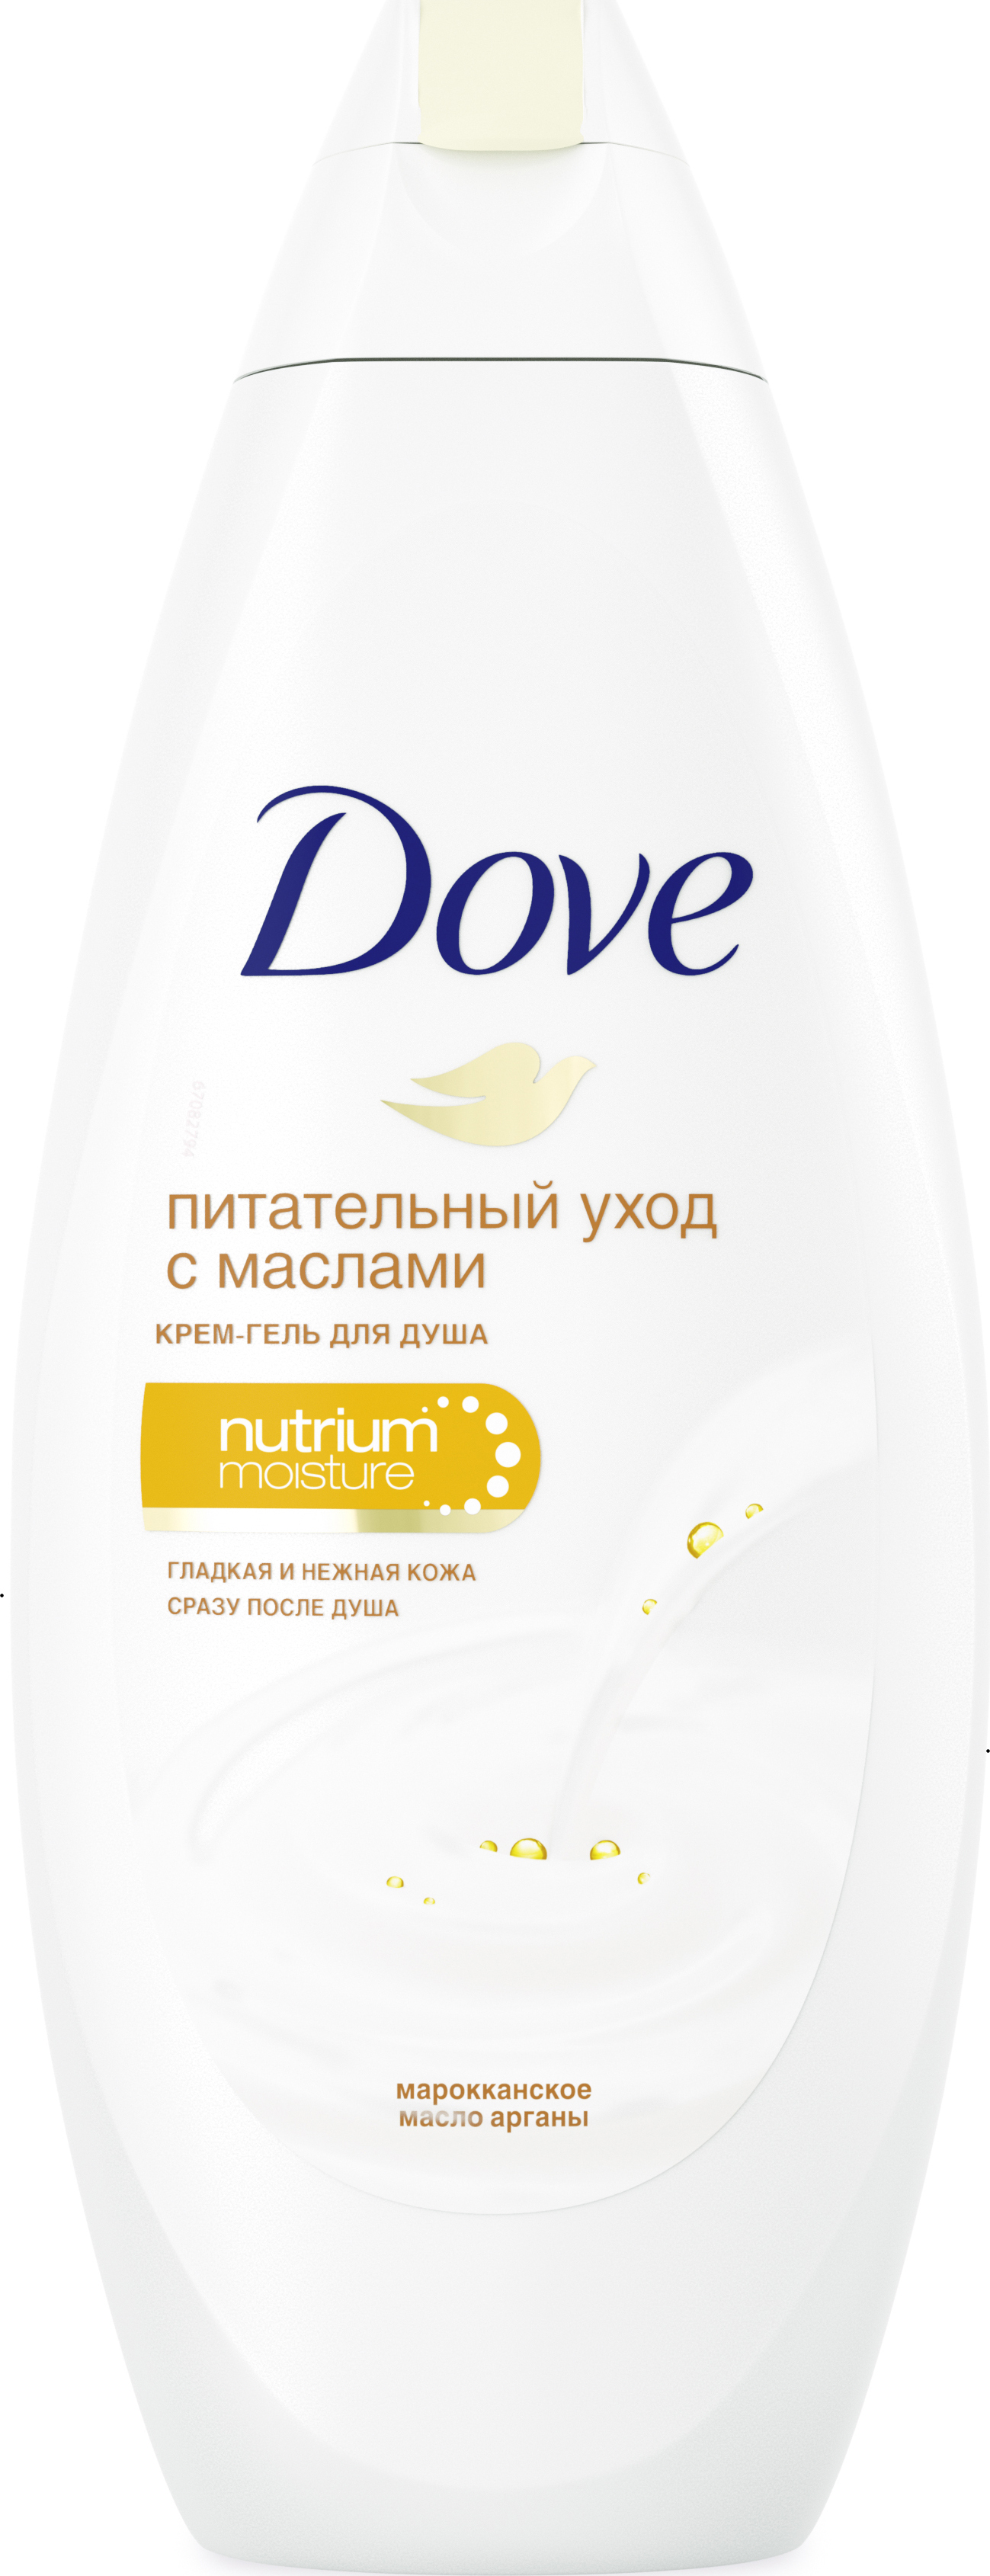 Dove крем-гель для душа Драгоценные масла, 250 мл